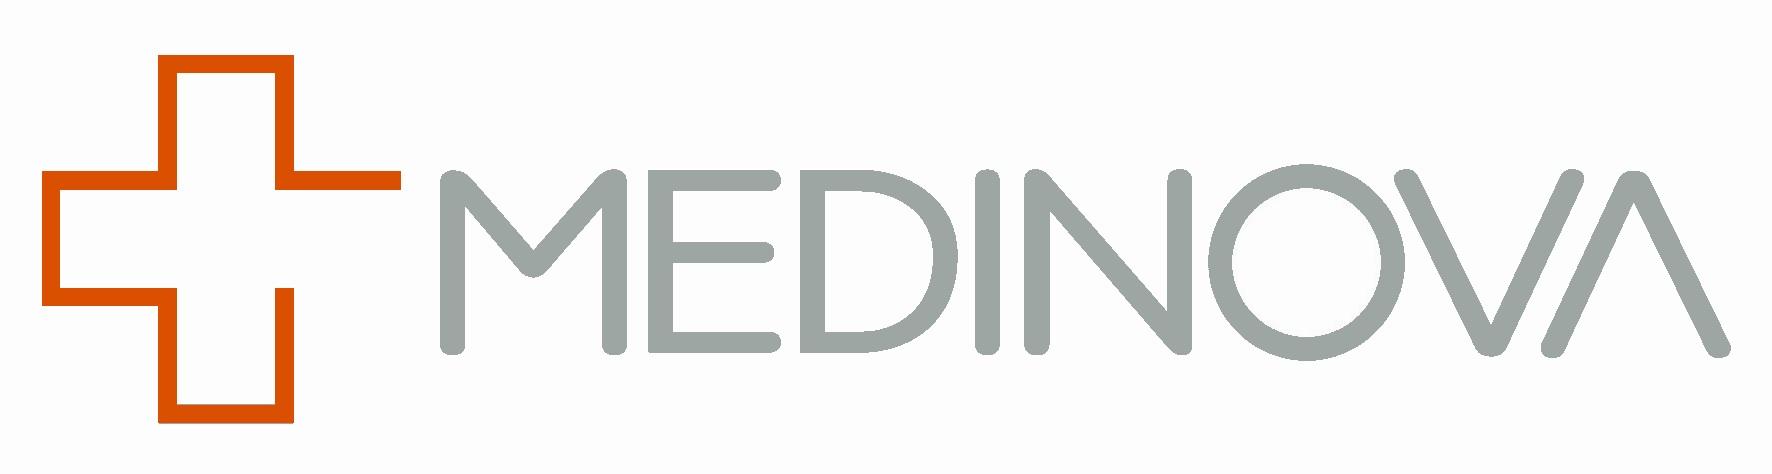 Medinova logo copy